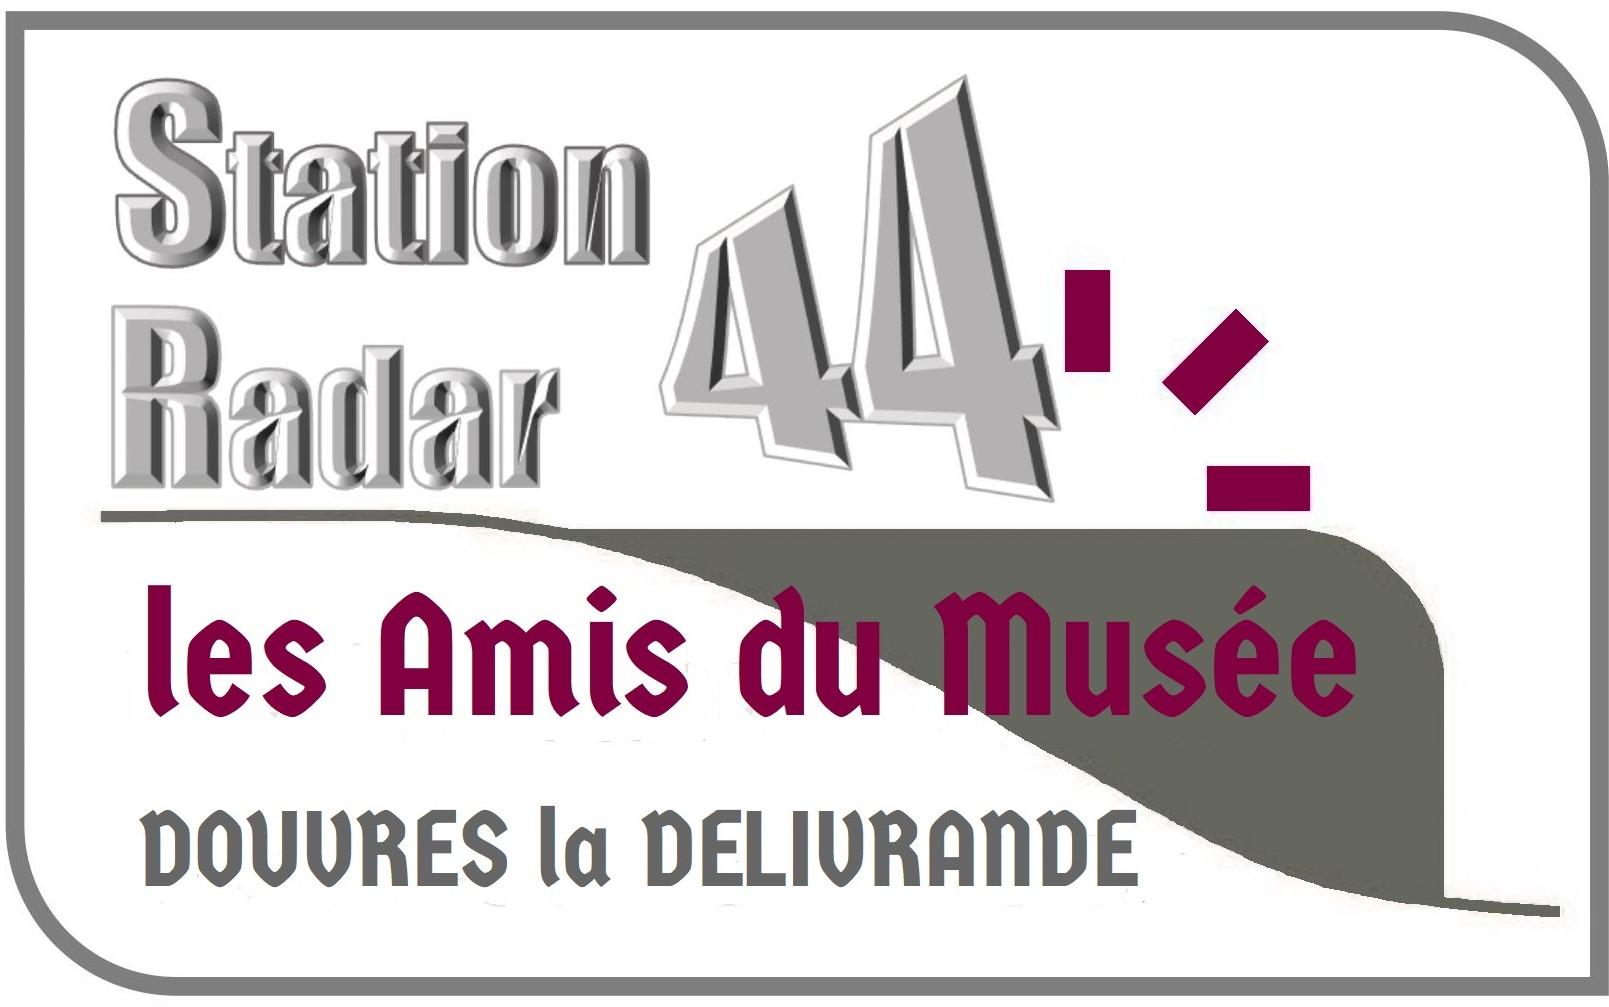 Logo Association des Amis du Musée Radar de Douvres la Délivrande